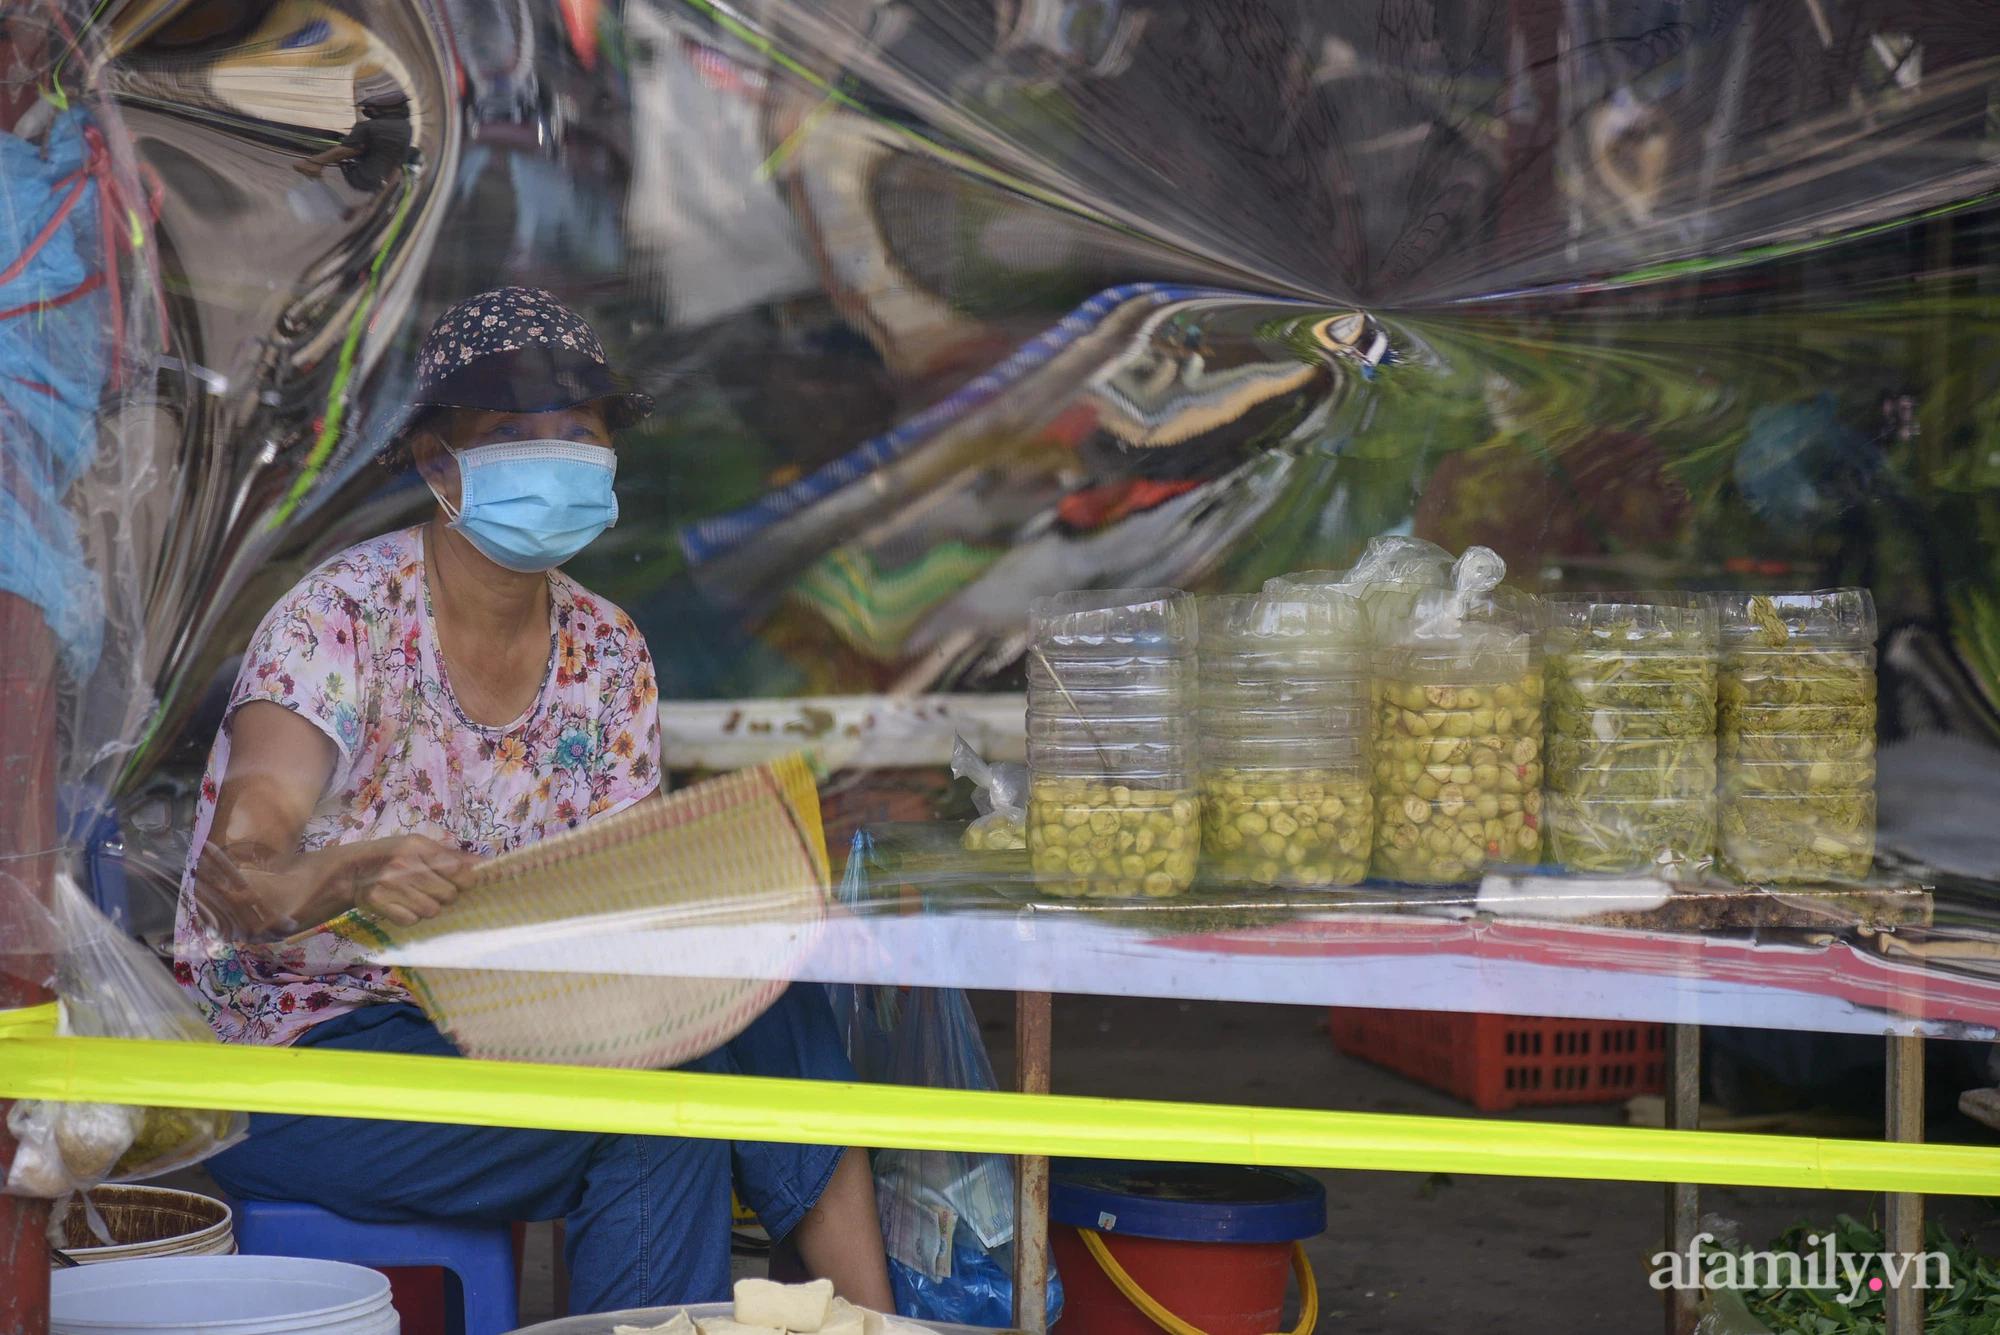 Ấn tượng với khu chợ dân sinh đầu tiên ở Hà Nội quây tấm nilon phòng dịch COVID-19, tiểu thương chia ca đứng bán theo ngày chẵn, lẻ - Ảnh 15.